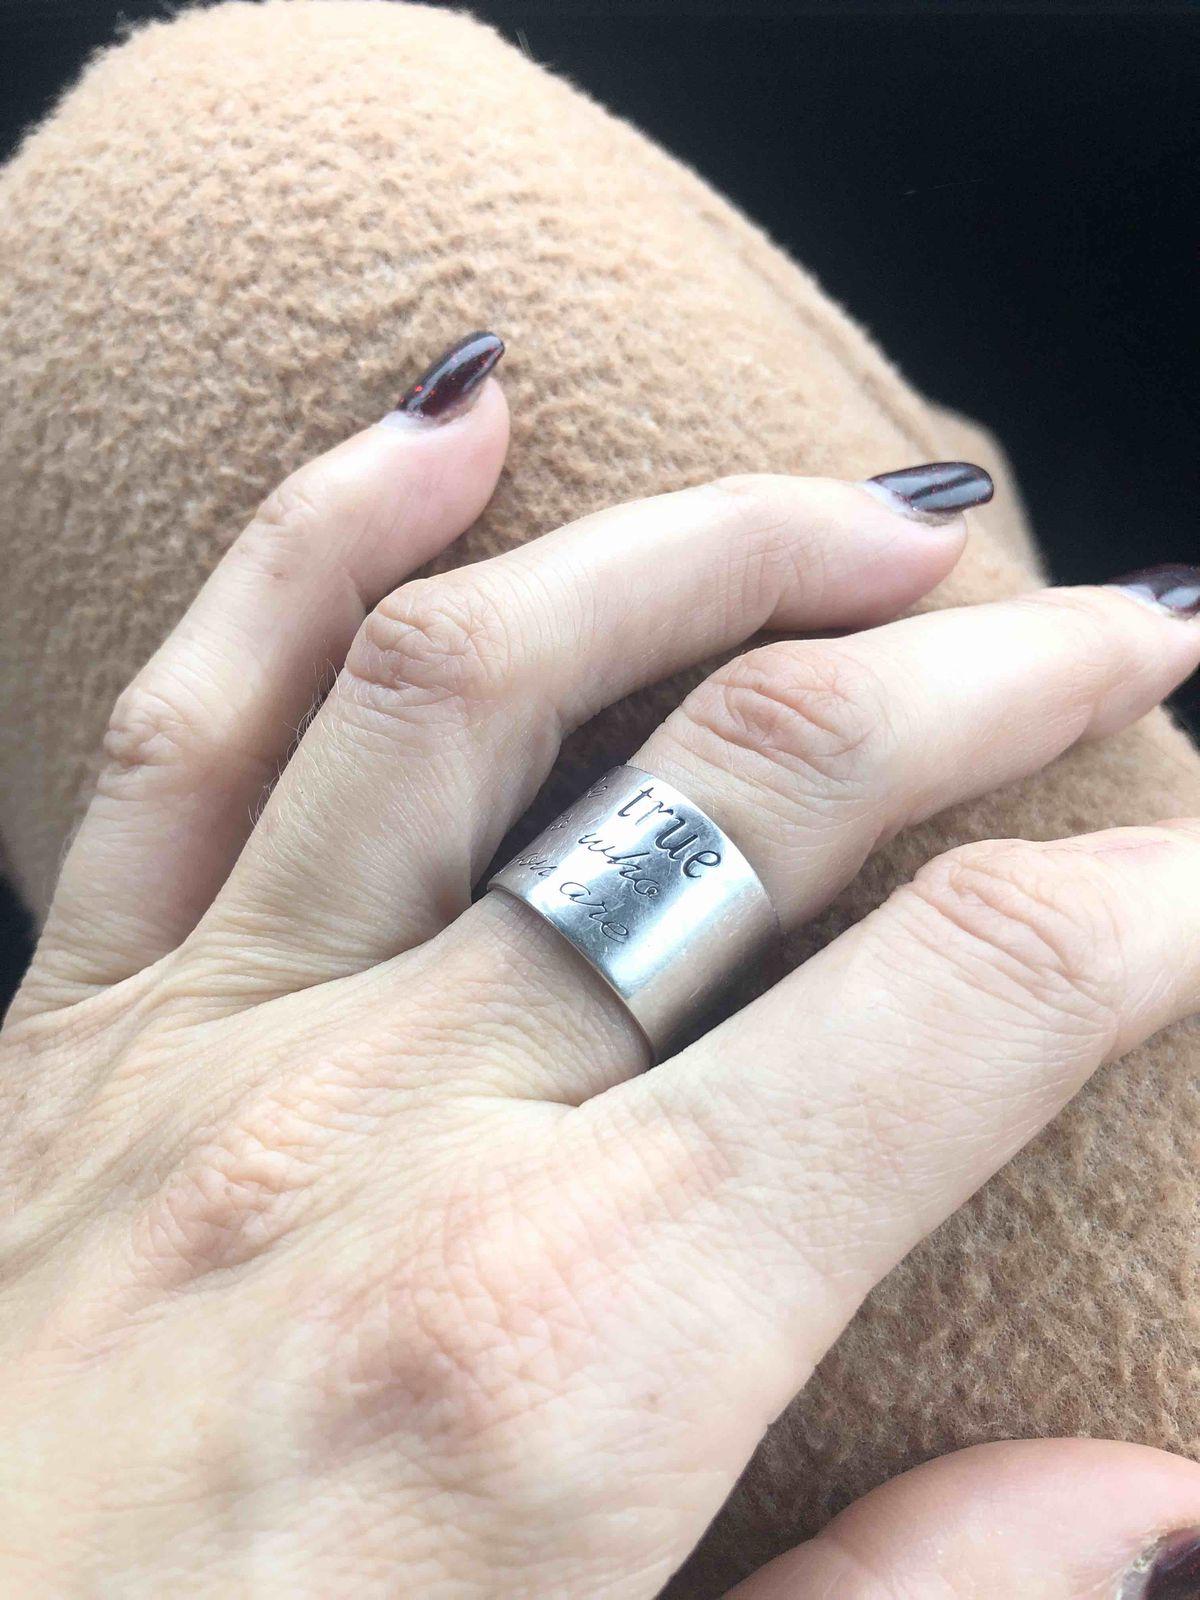 Очень красивое кольцо, прекрасно смотрится на руке, очень удобное